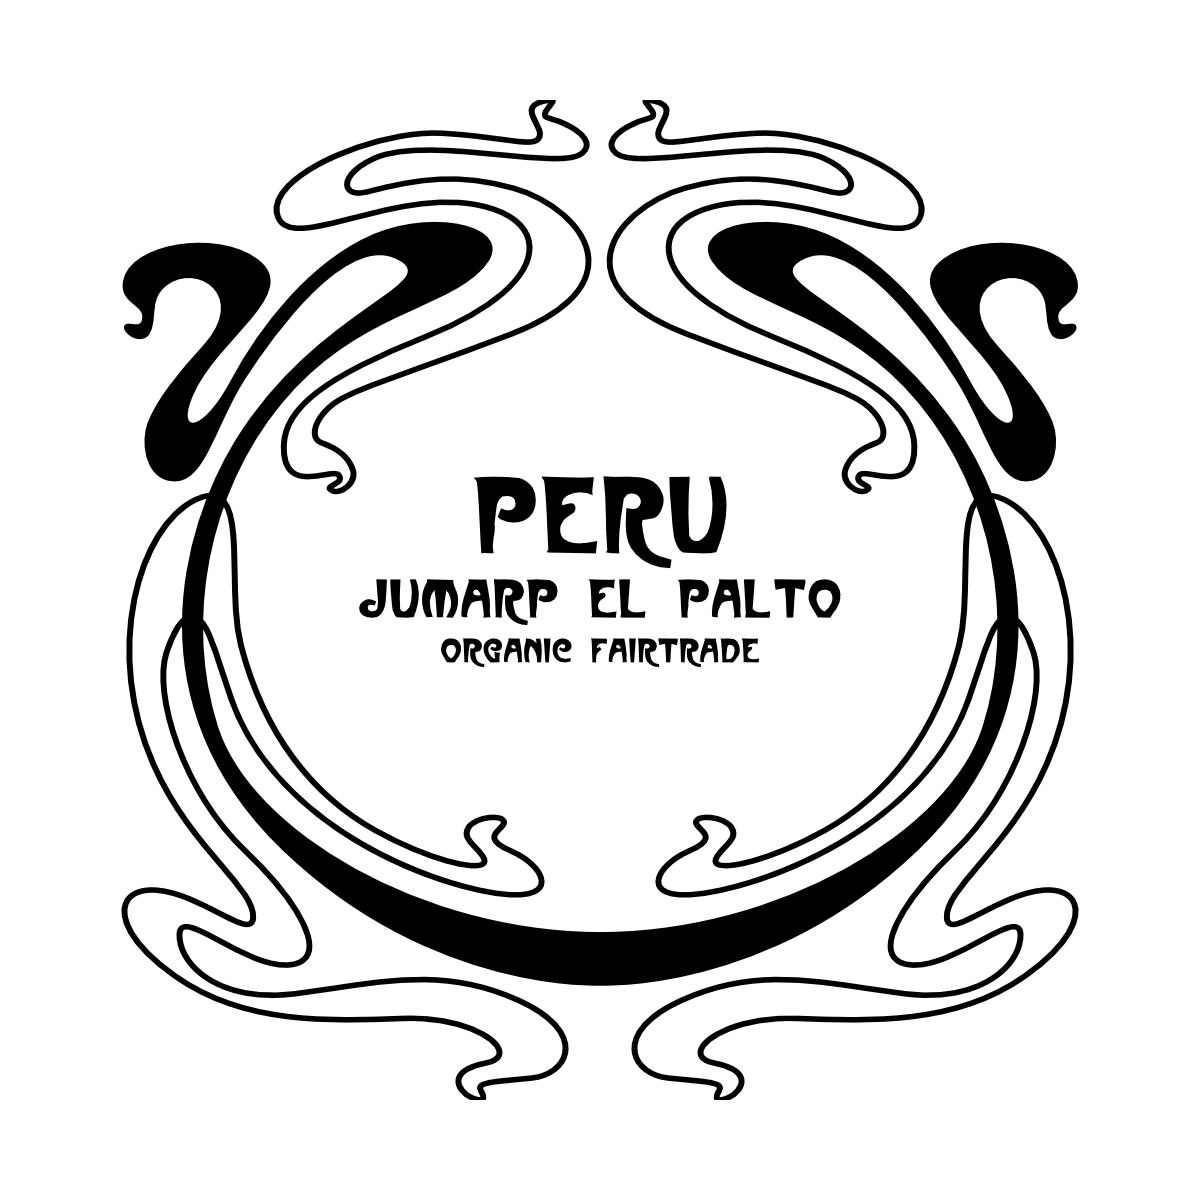 Jumarp El Palto